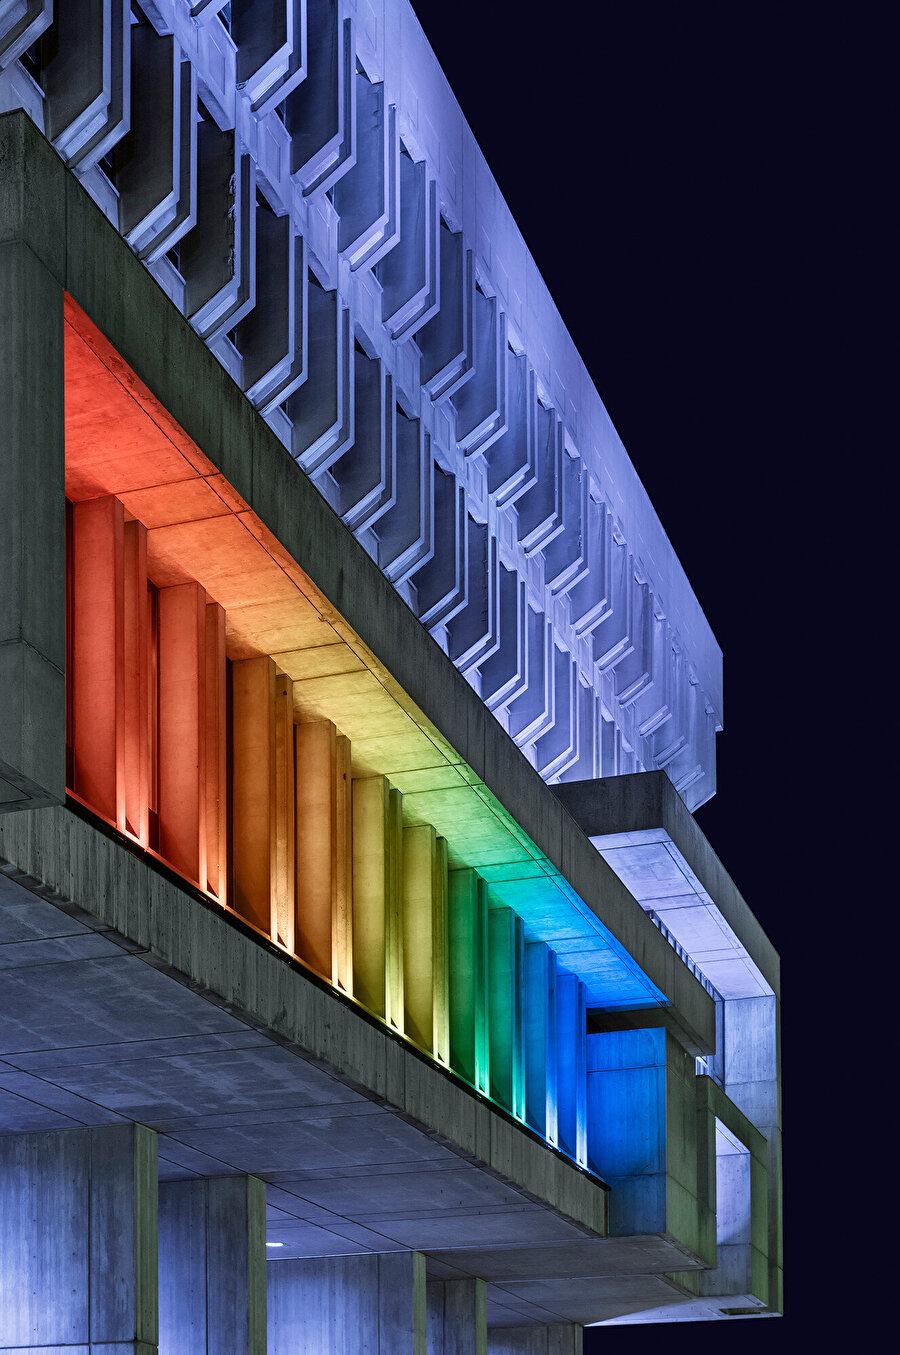 LED ışıklar, binanın ızgaralı beton yapısını vurguluyor.